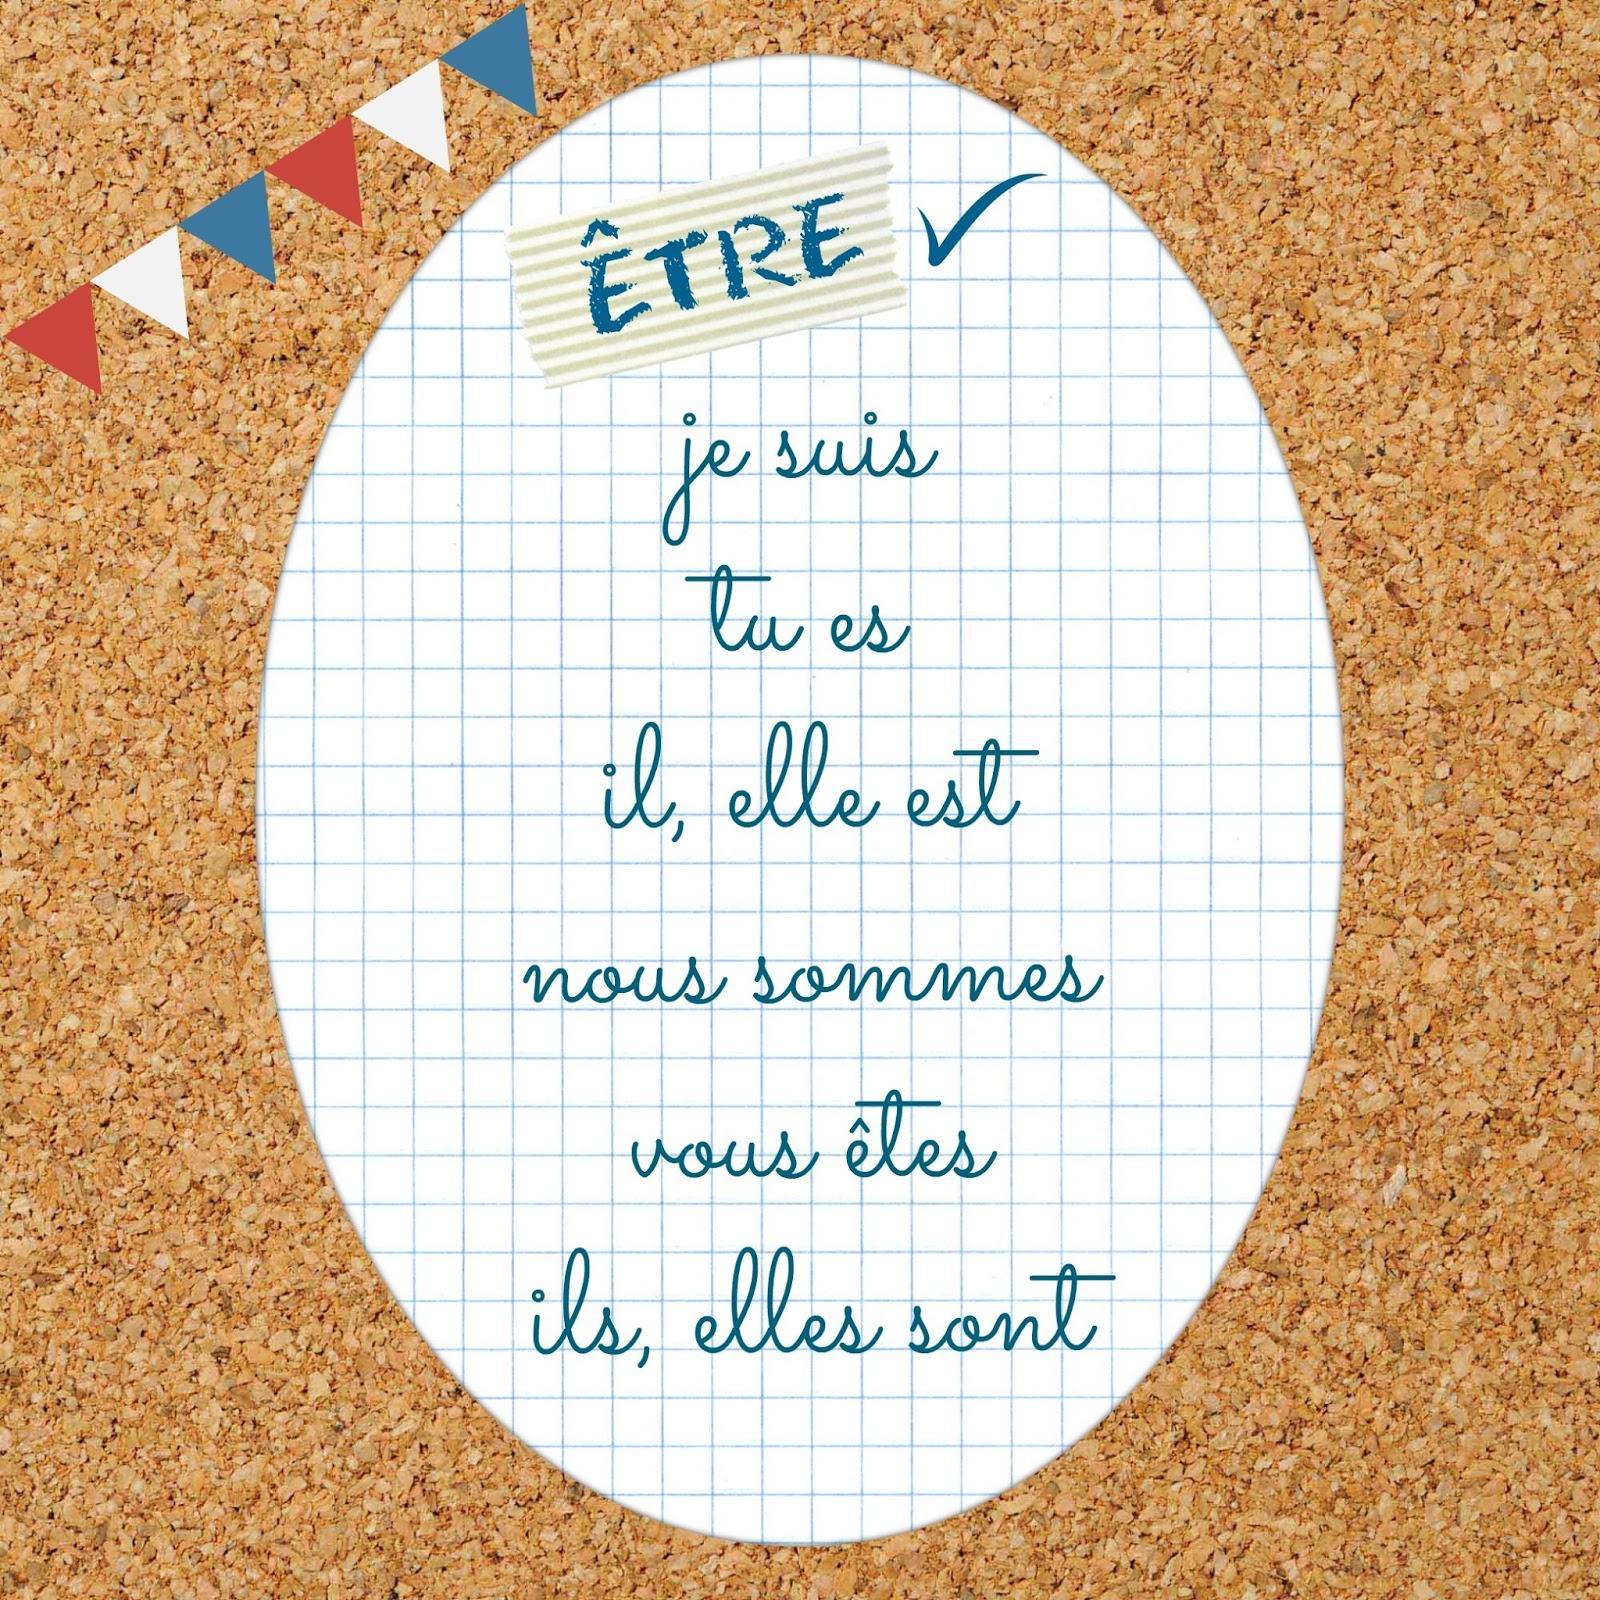 Czasowniki être - odmiana czasownika - Francuski przy kawie